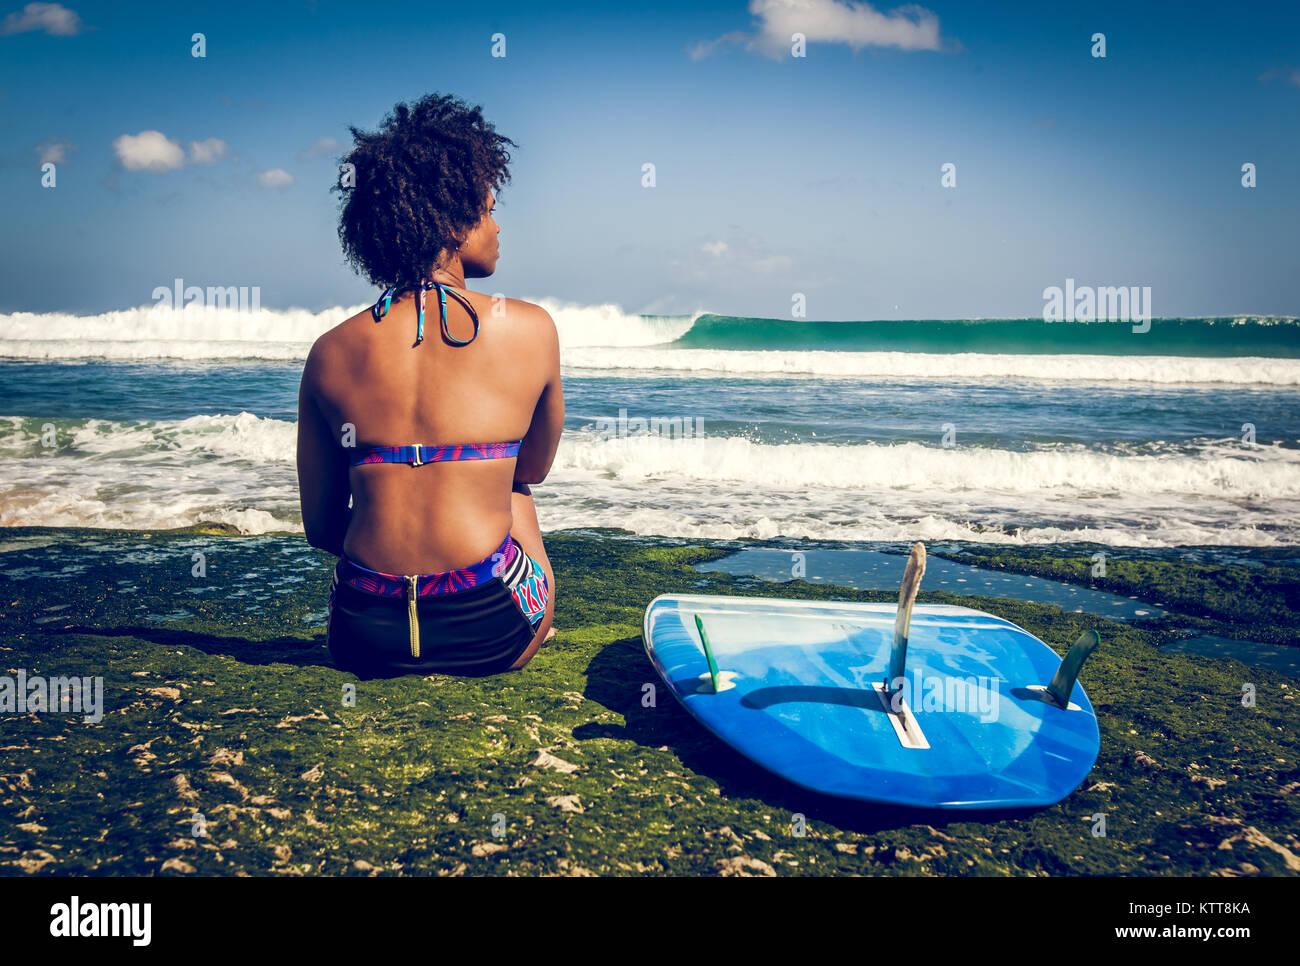 Surfer Girl con acconciatura afro seduta accanto alla tavola da surf blu verde sulla barriera corallina di fronte Immagini Stock